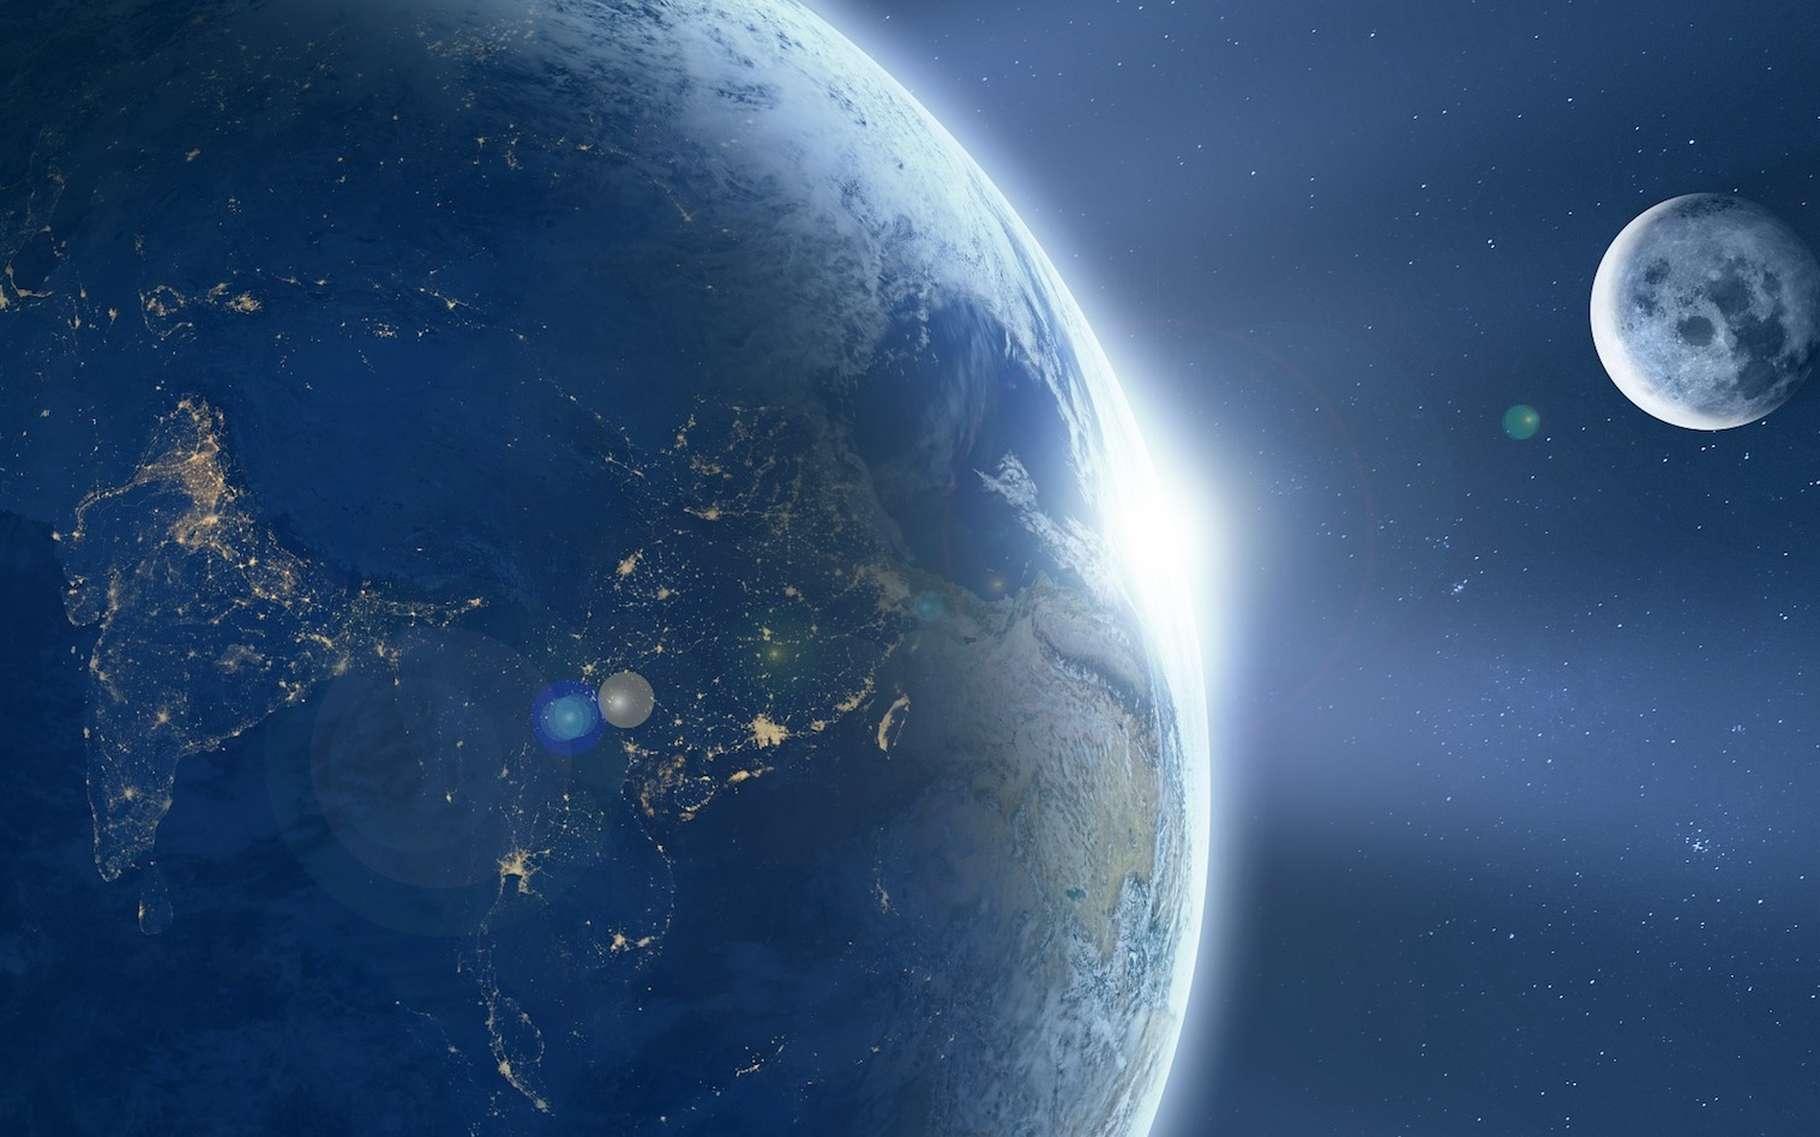 Le Lidar, même s'il n'était pas nécessairement baptisé ainsi à l'époque, a permis de mesurer précisément la distance Terre-Lune. © Comfreak, Pixabay, CCO Creative Commons